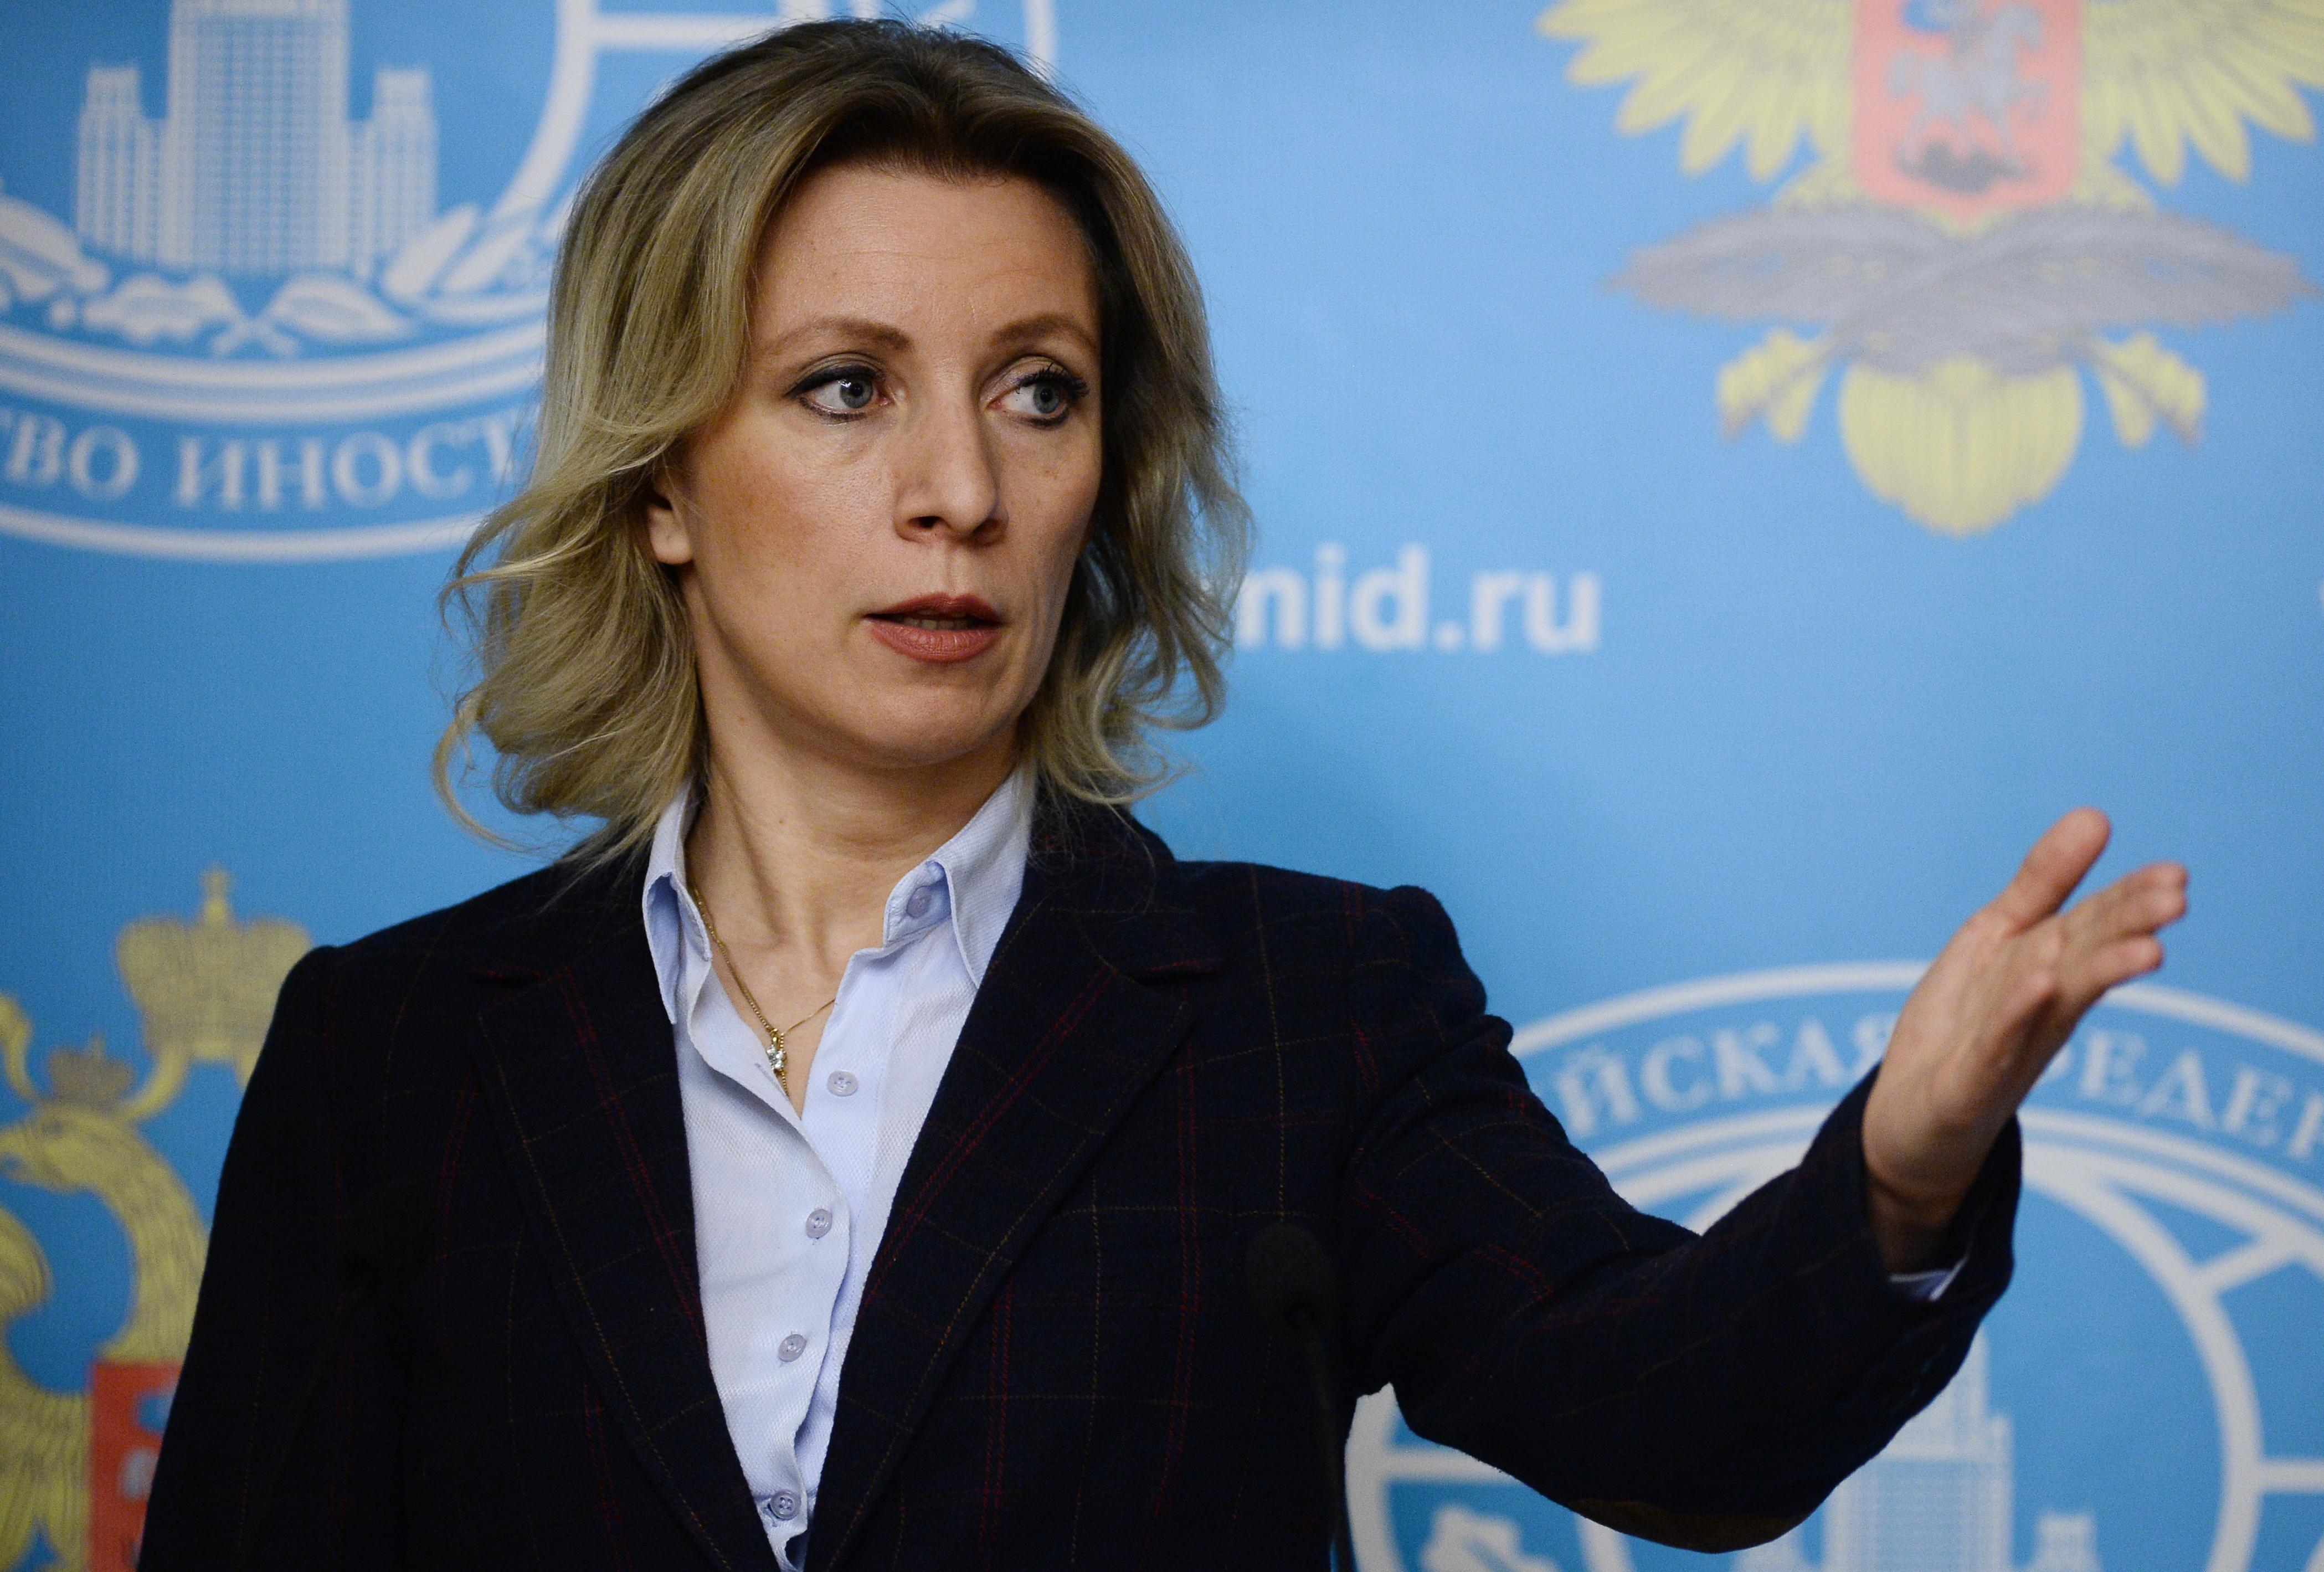 Захарова с сарказмом прокомментировала выступление Керри на СБ ООН по Сирии